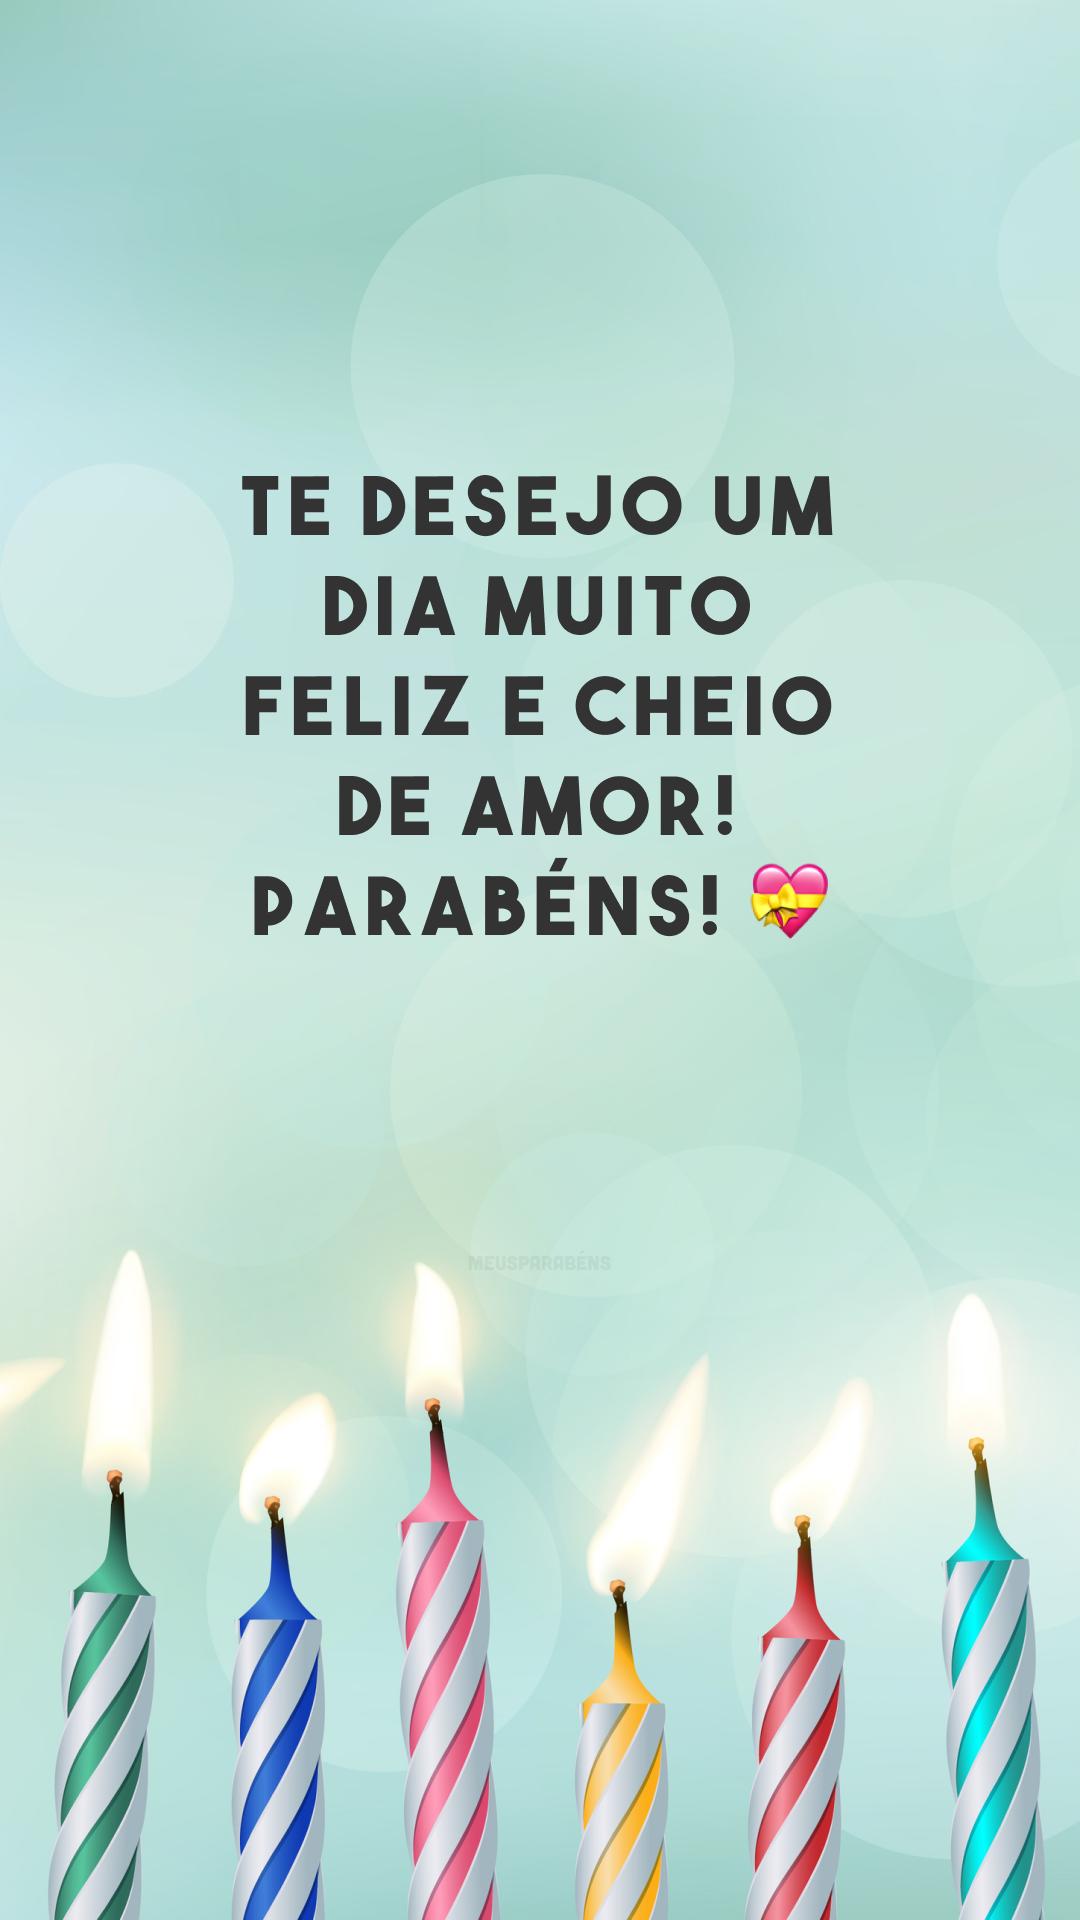 Te desejo um dia muito feliz e cheio de amor! Parabéns! 💝